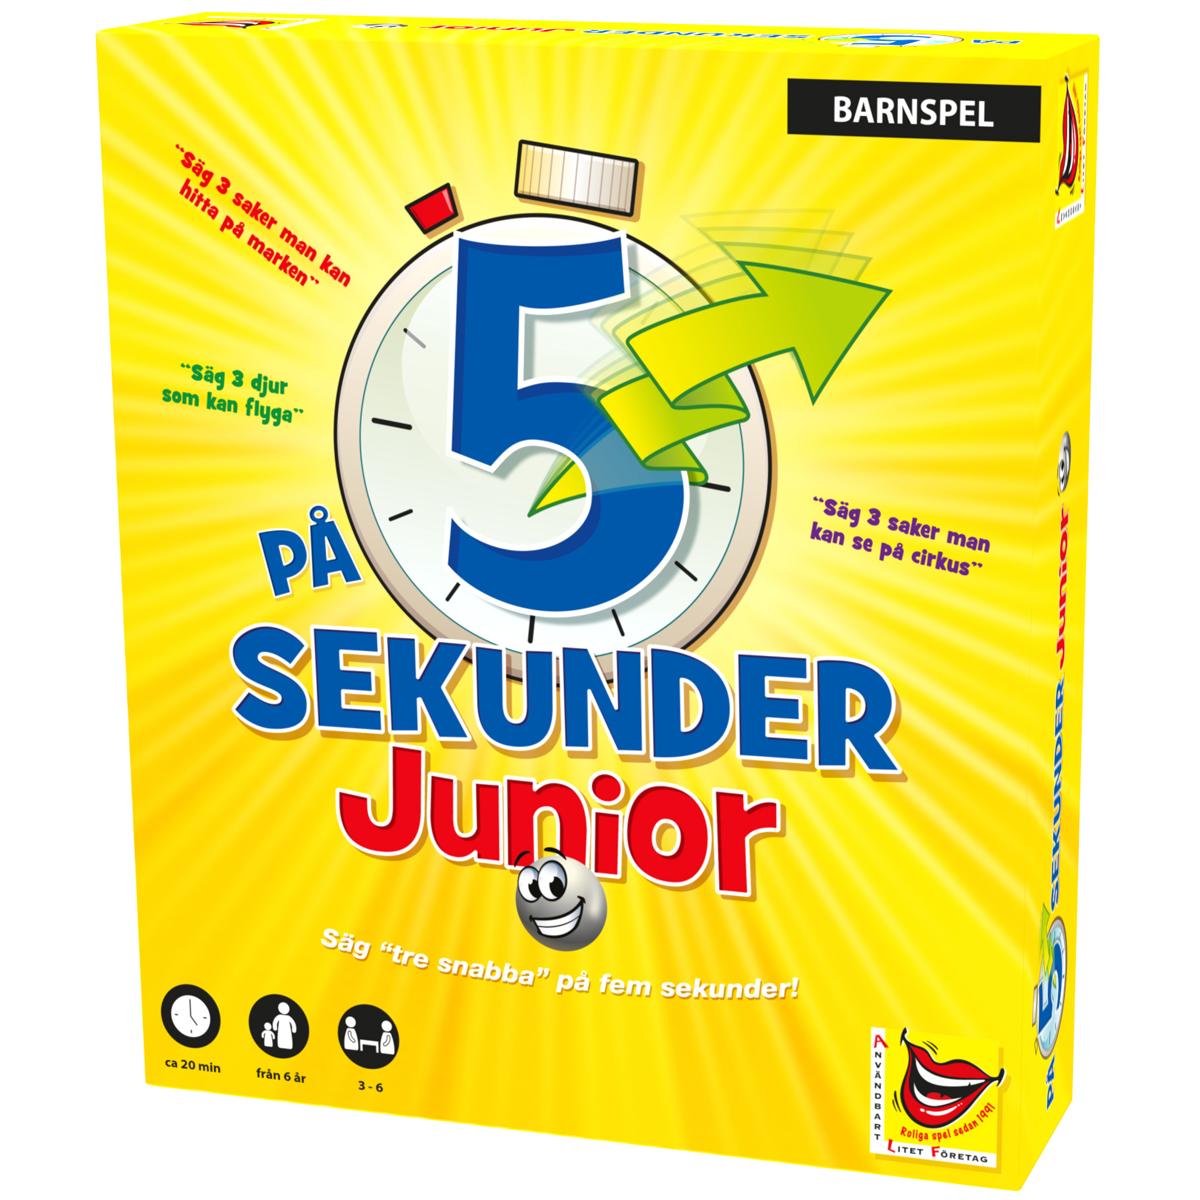 På 5 Sekunder Junior